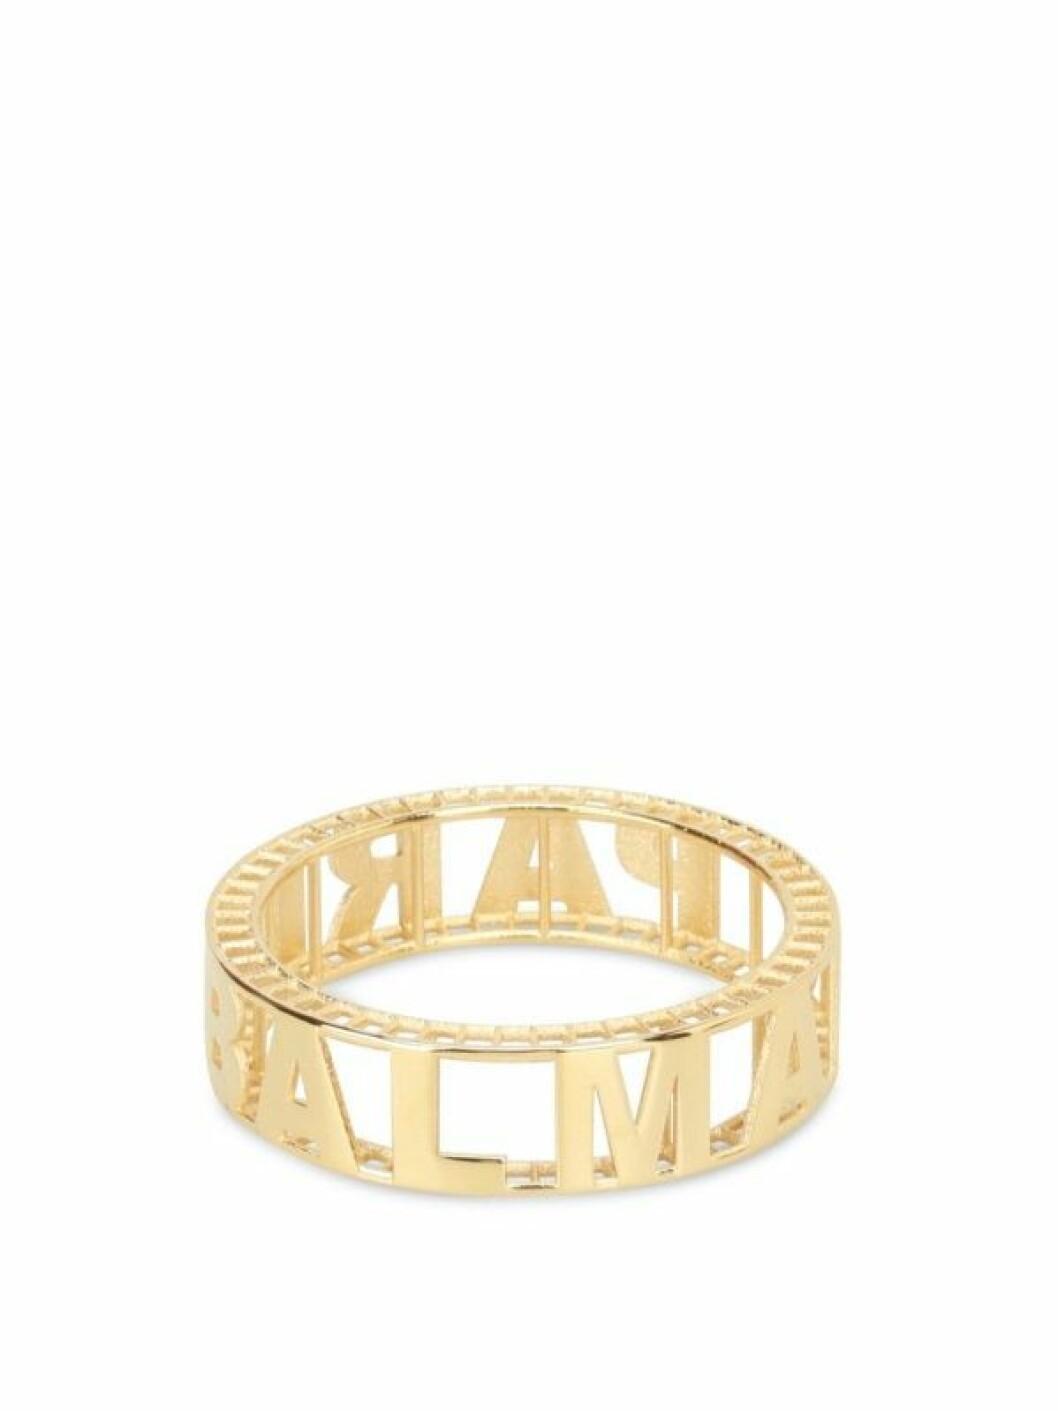 Balmain armband